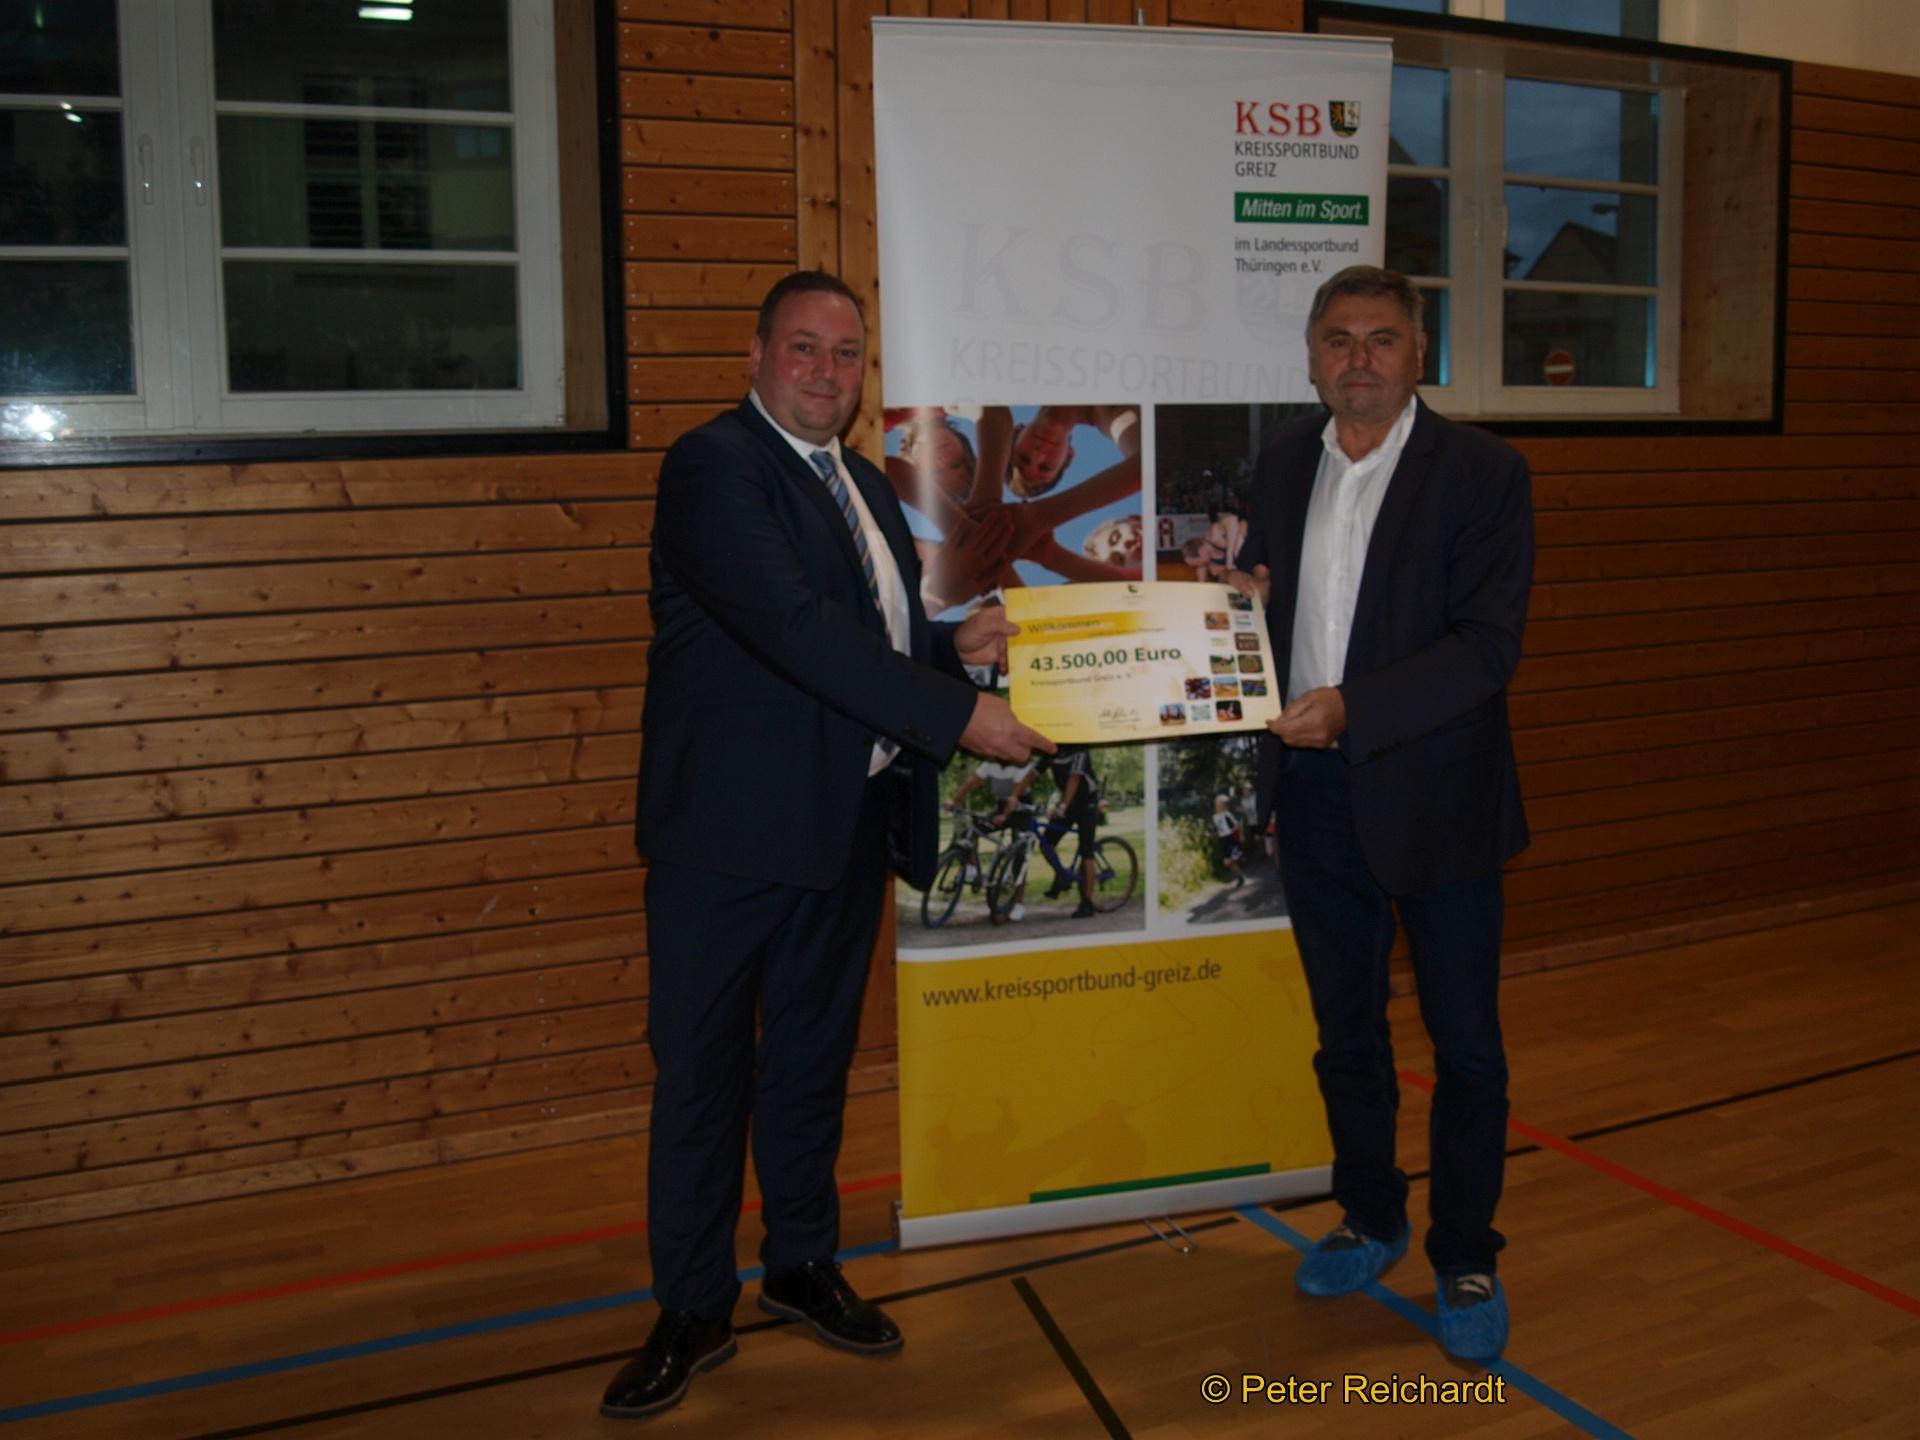 Bilanz und Ausblick beim Kreissportbund Greiz e.V.